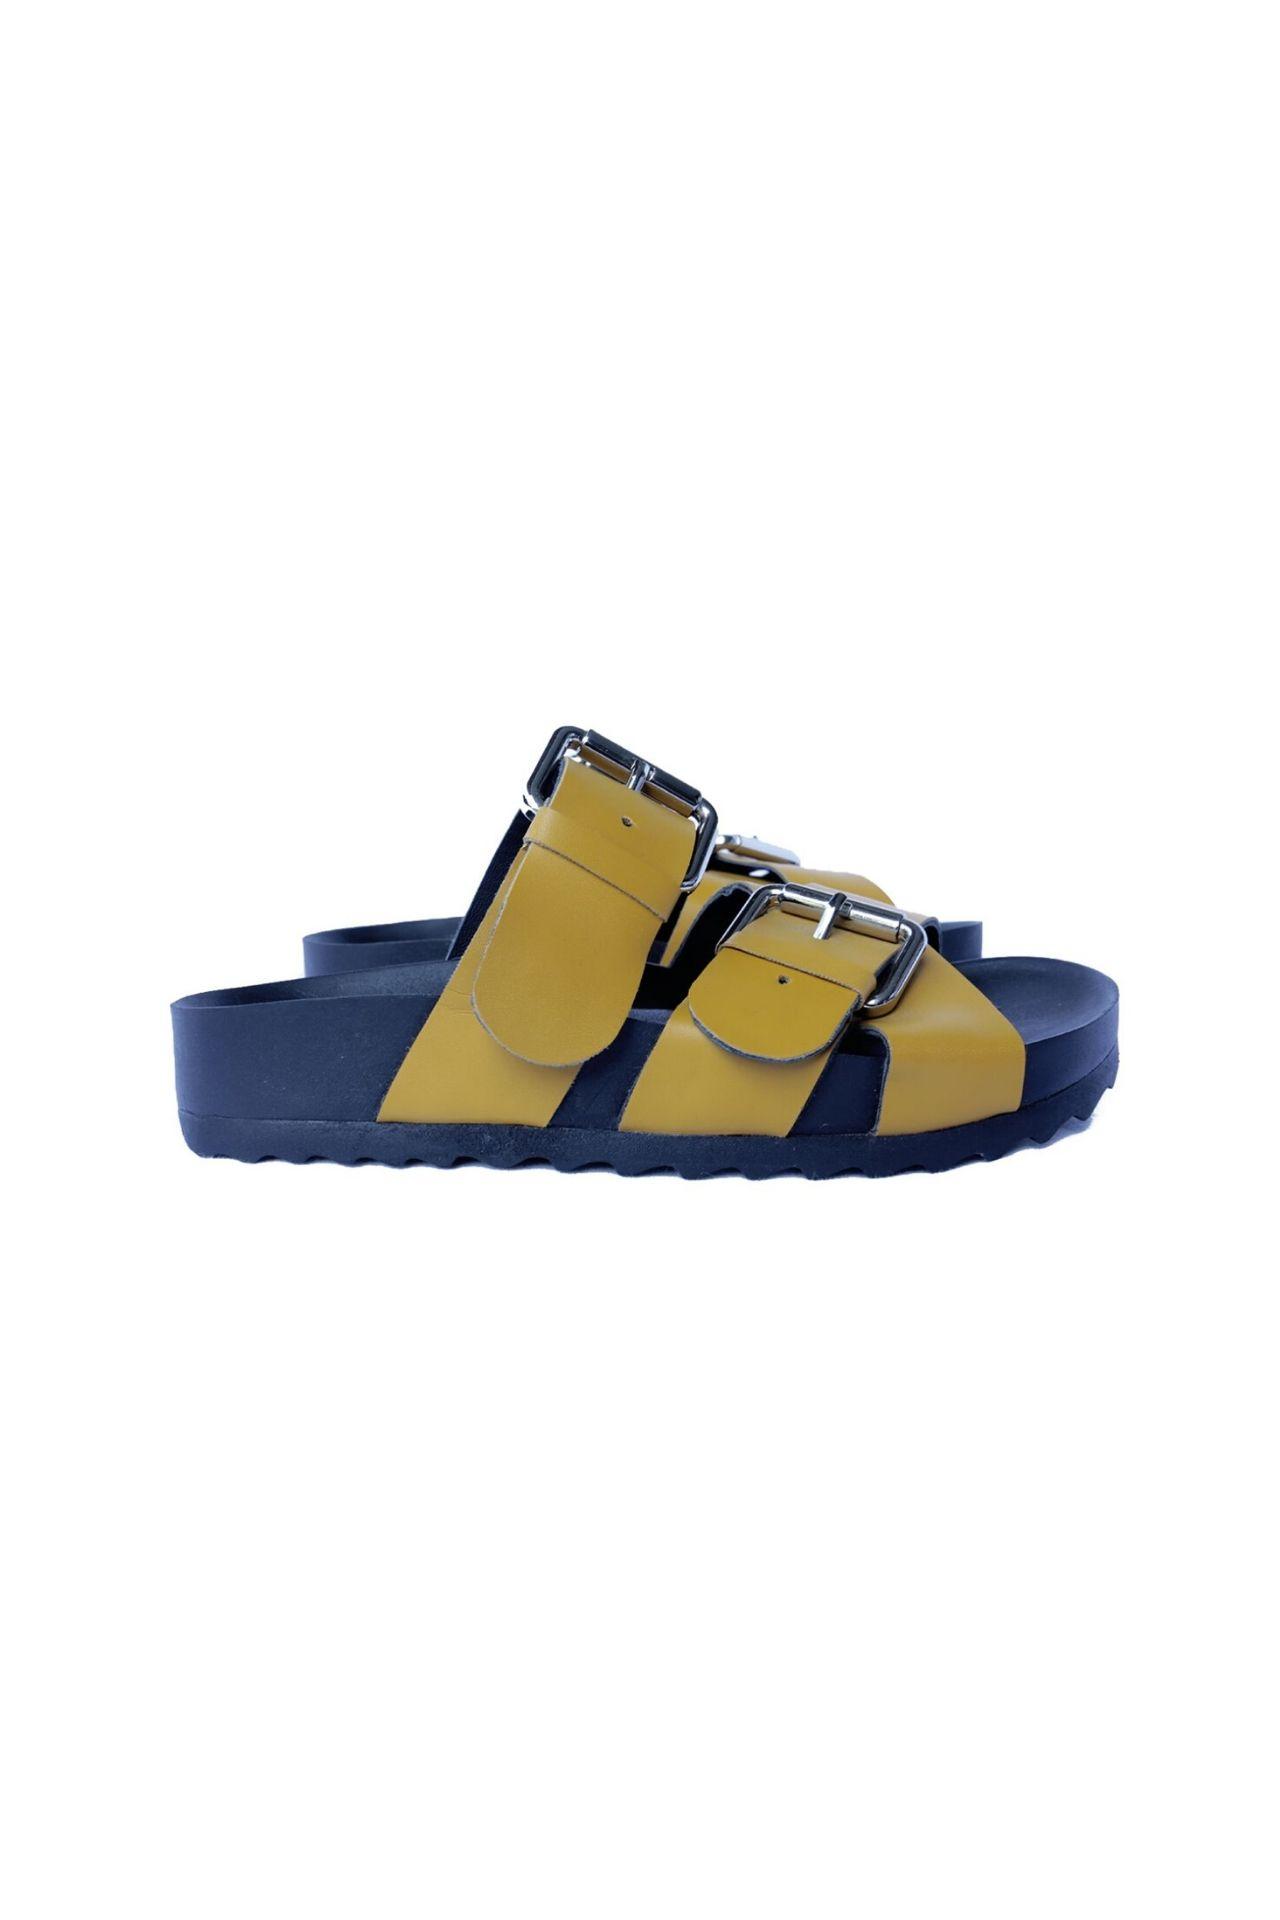 Sandalias de cuero vegano .Los diseños son unicos ya que hacemos pocos por cada modelo color. Son productos hechos a mano por artesanos peruanos.  Horma exacta  Talla 37: 24 cm  Taco: 3.5 cm